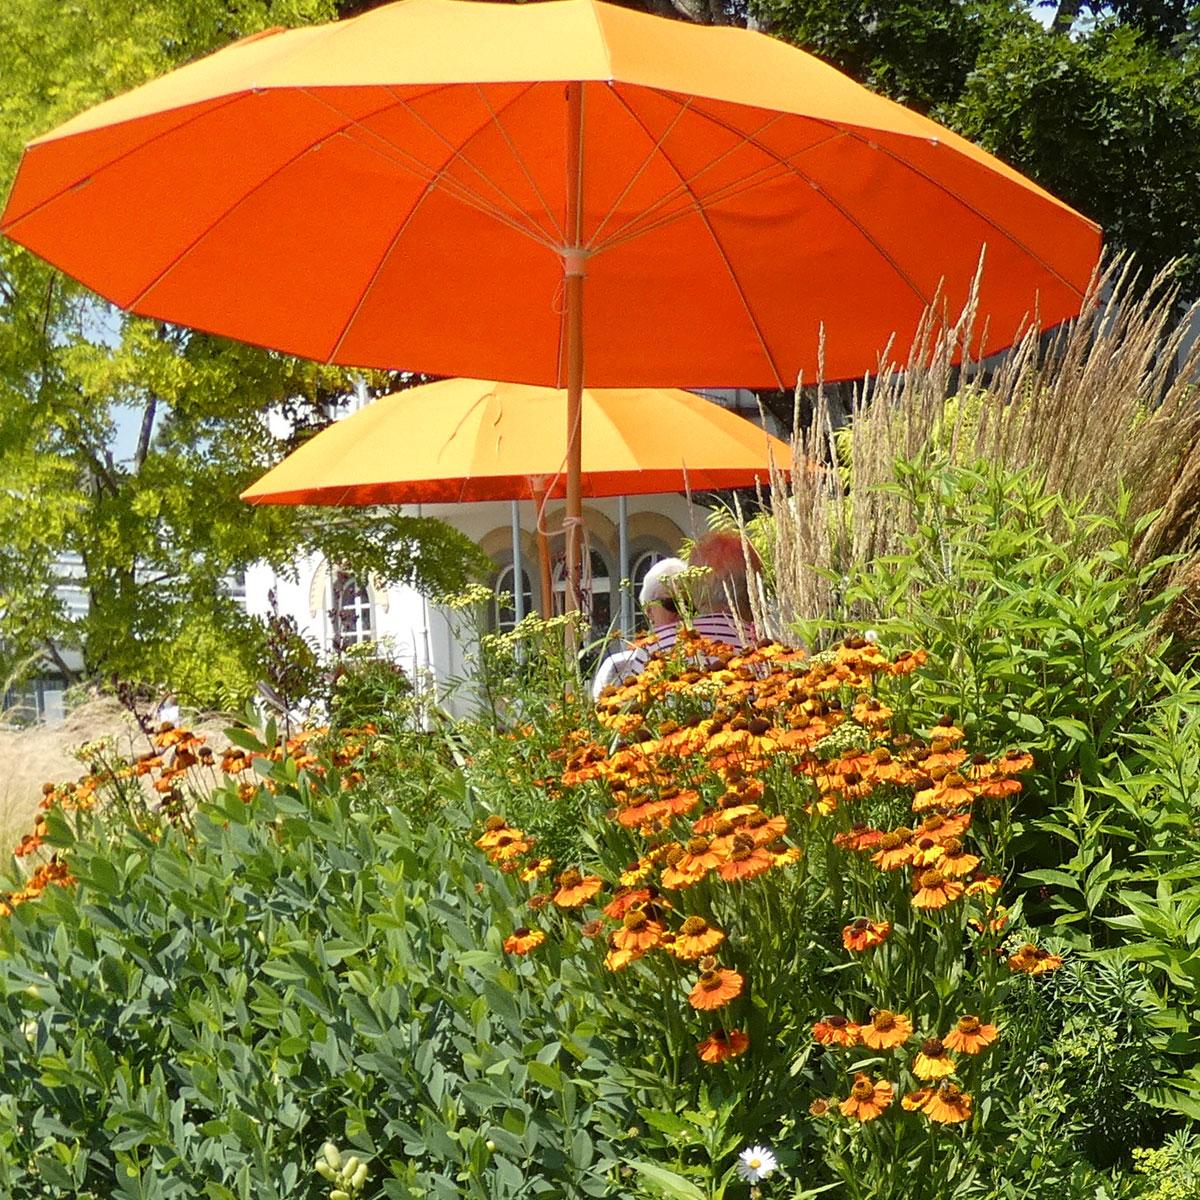 Die Wirkung von Farben; Orange ist dramatisch und stimulierend